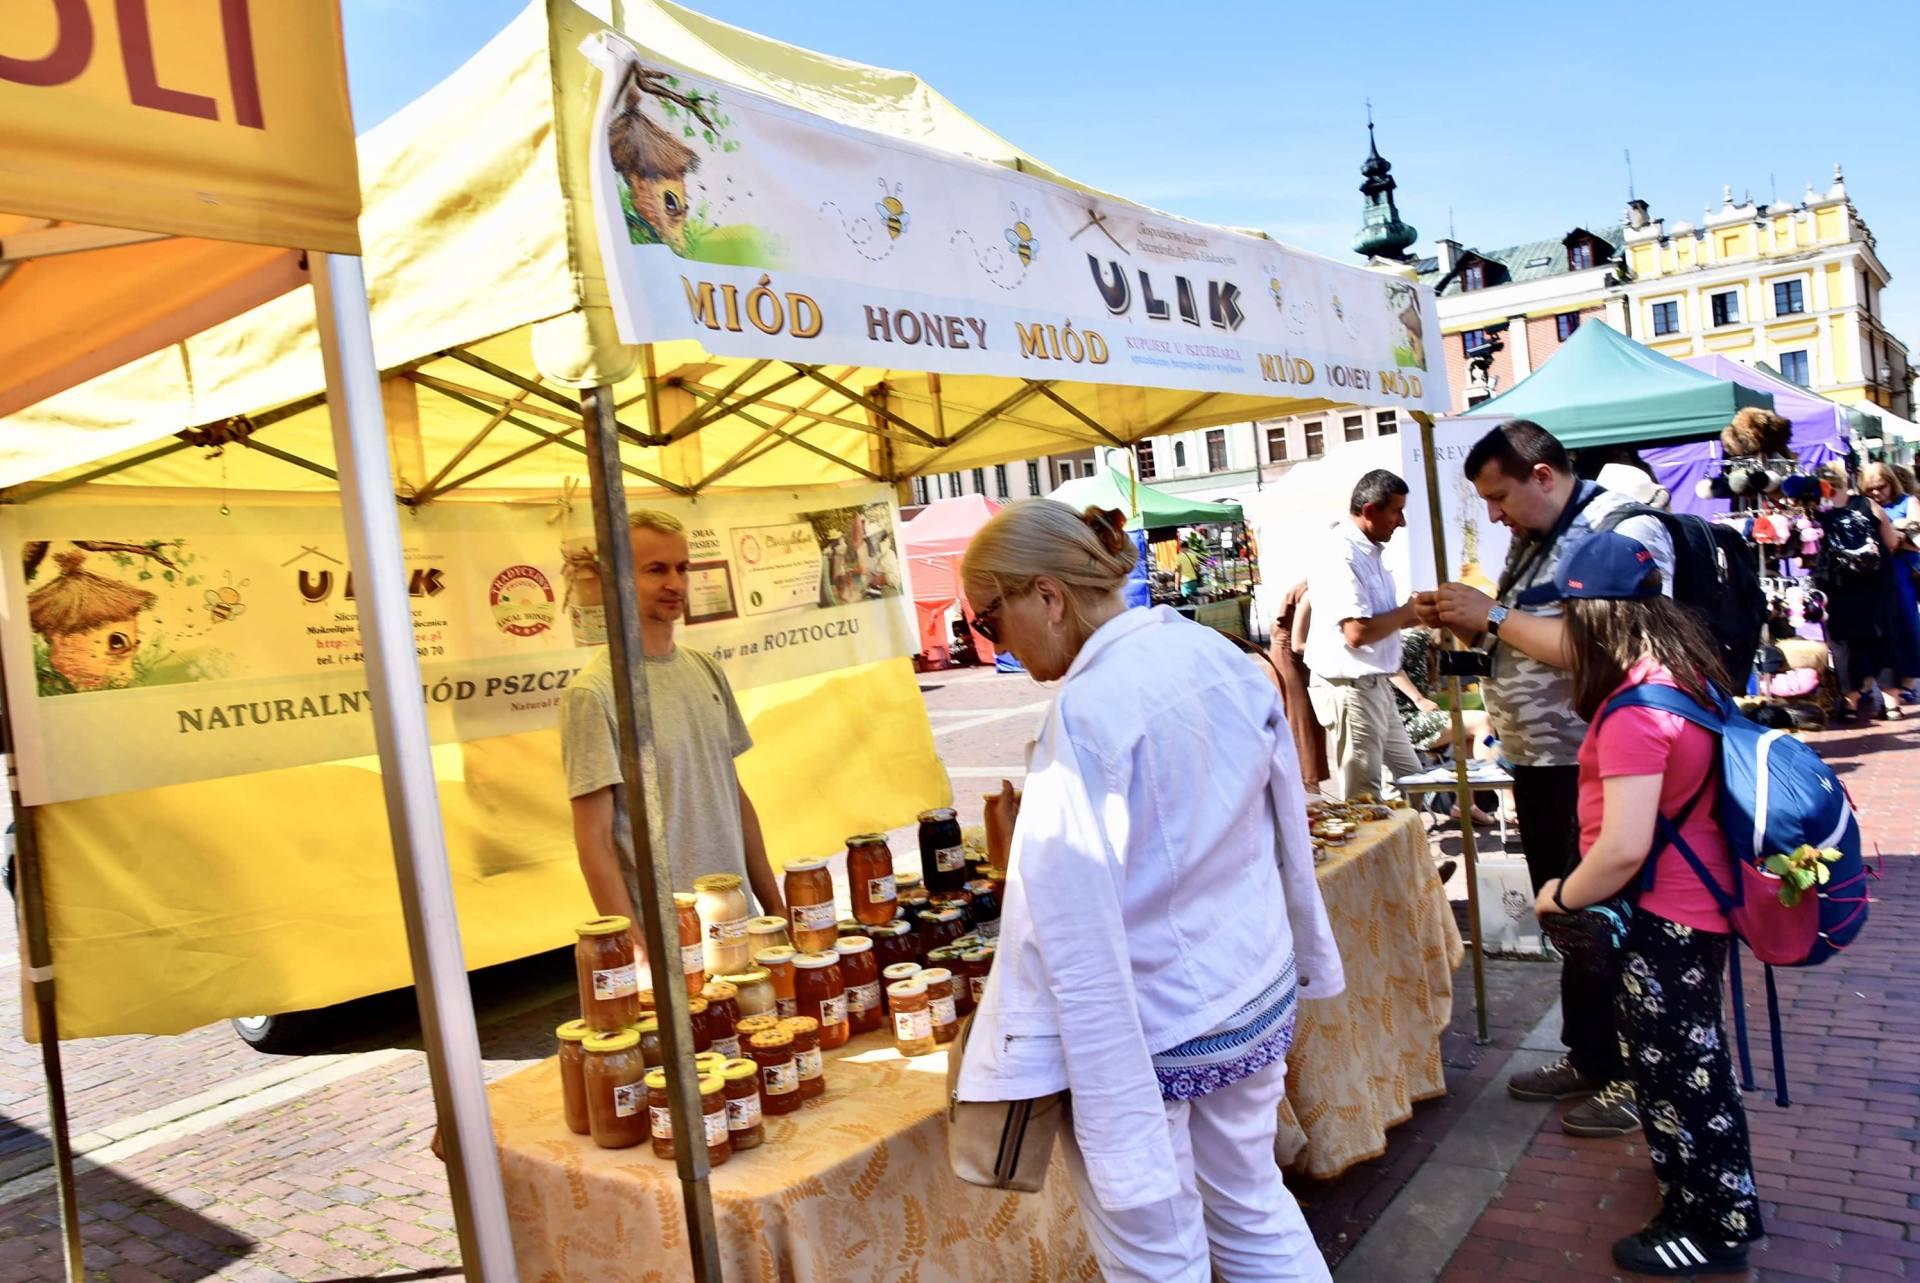 dsc 0470 Żywność prosto od rolnika na Rynku Wielkim w Zamościu. Zobacz zdjęcia i film